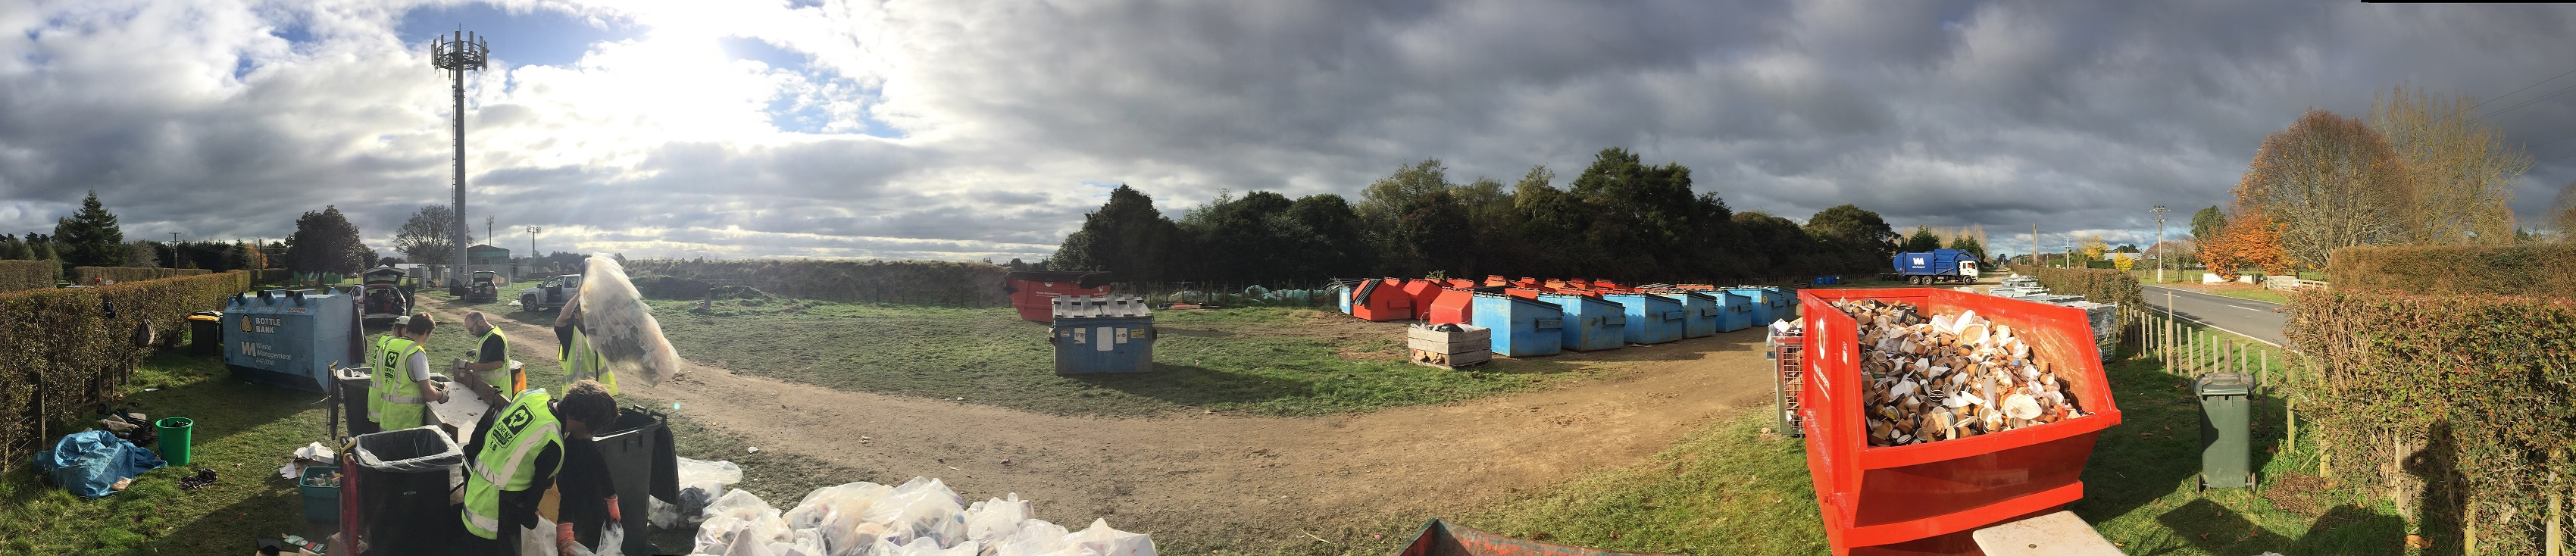 Fieldays 2016 event waste management